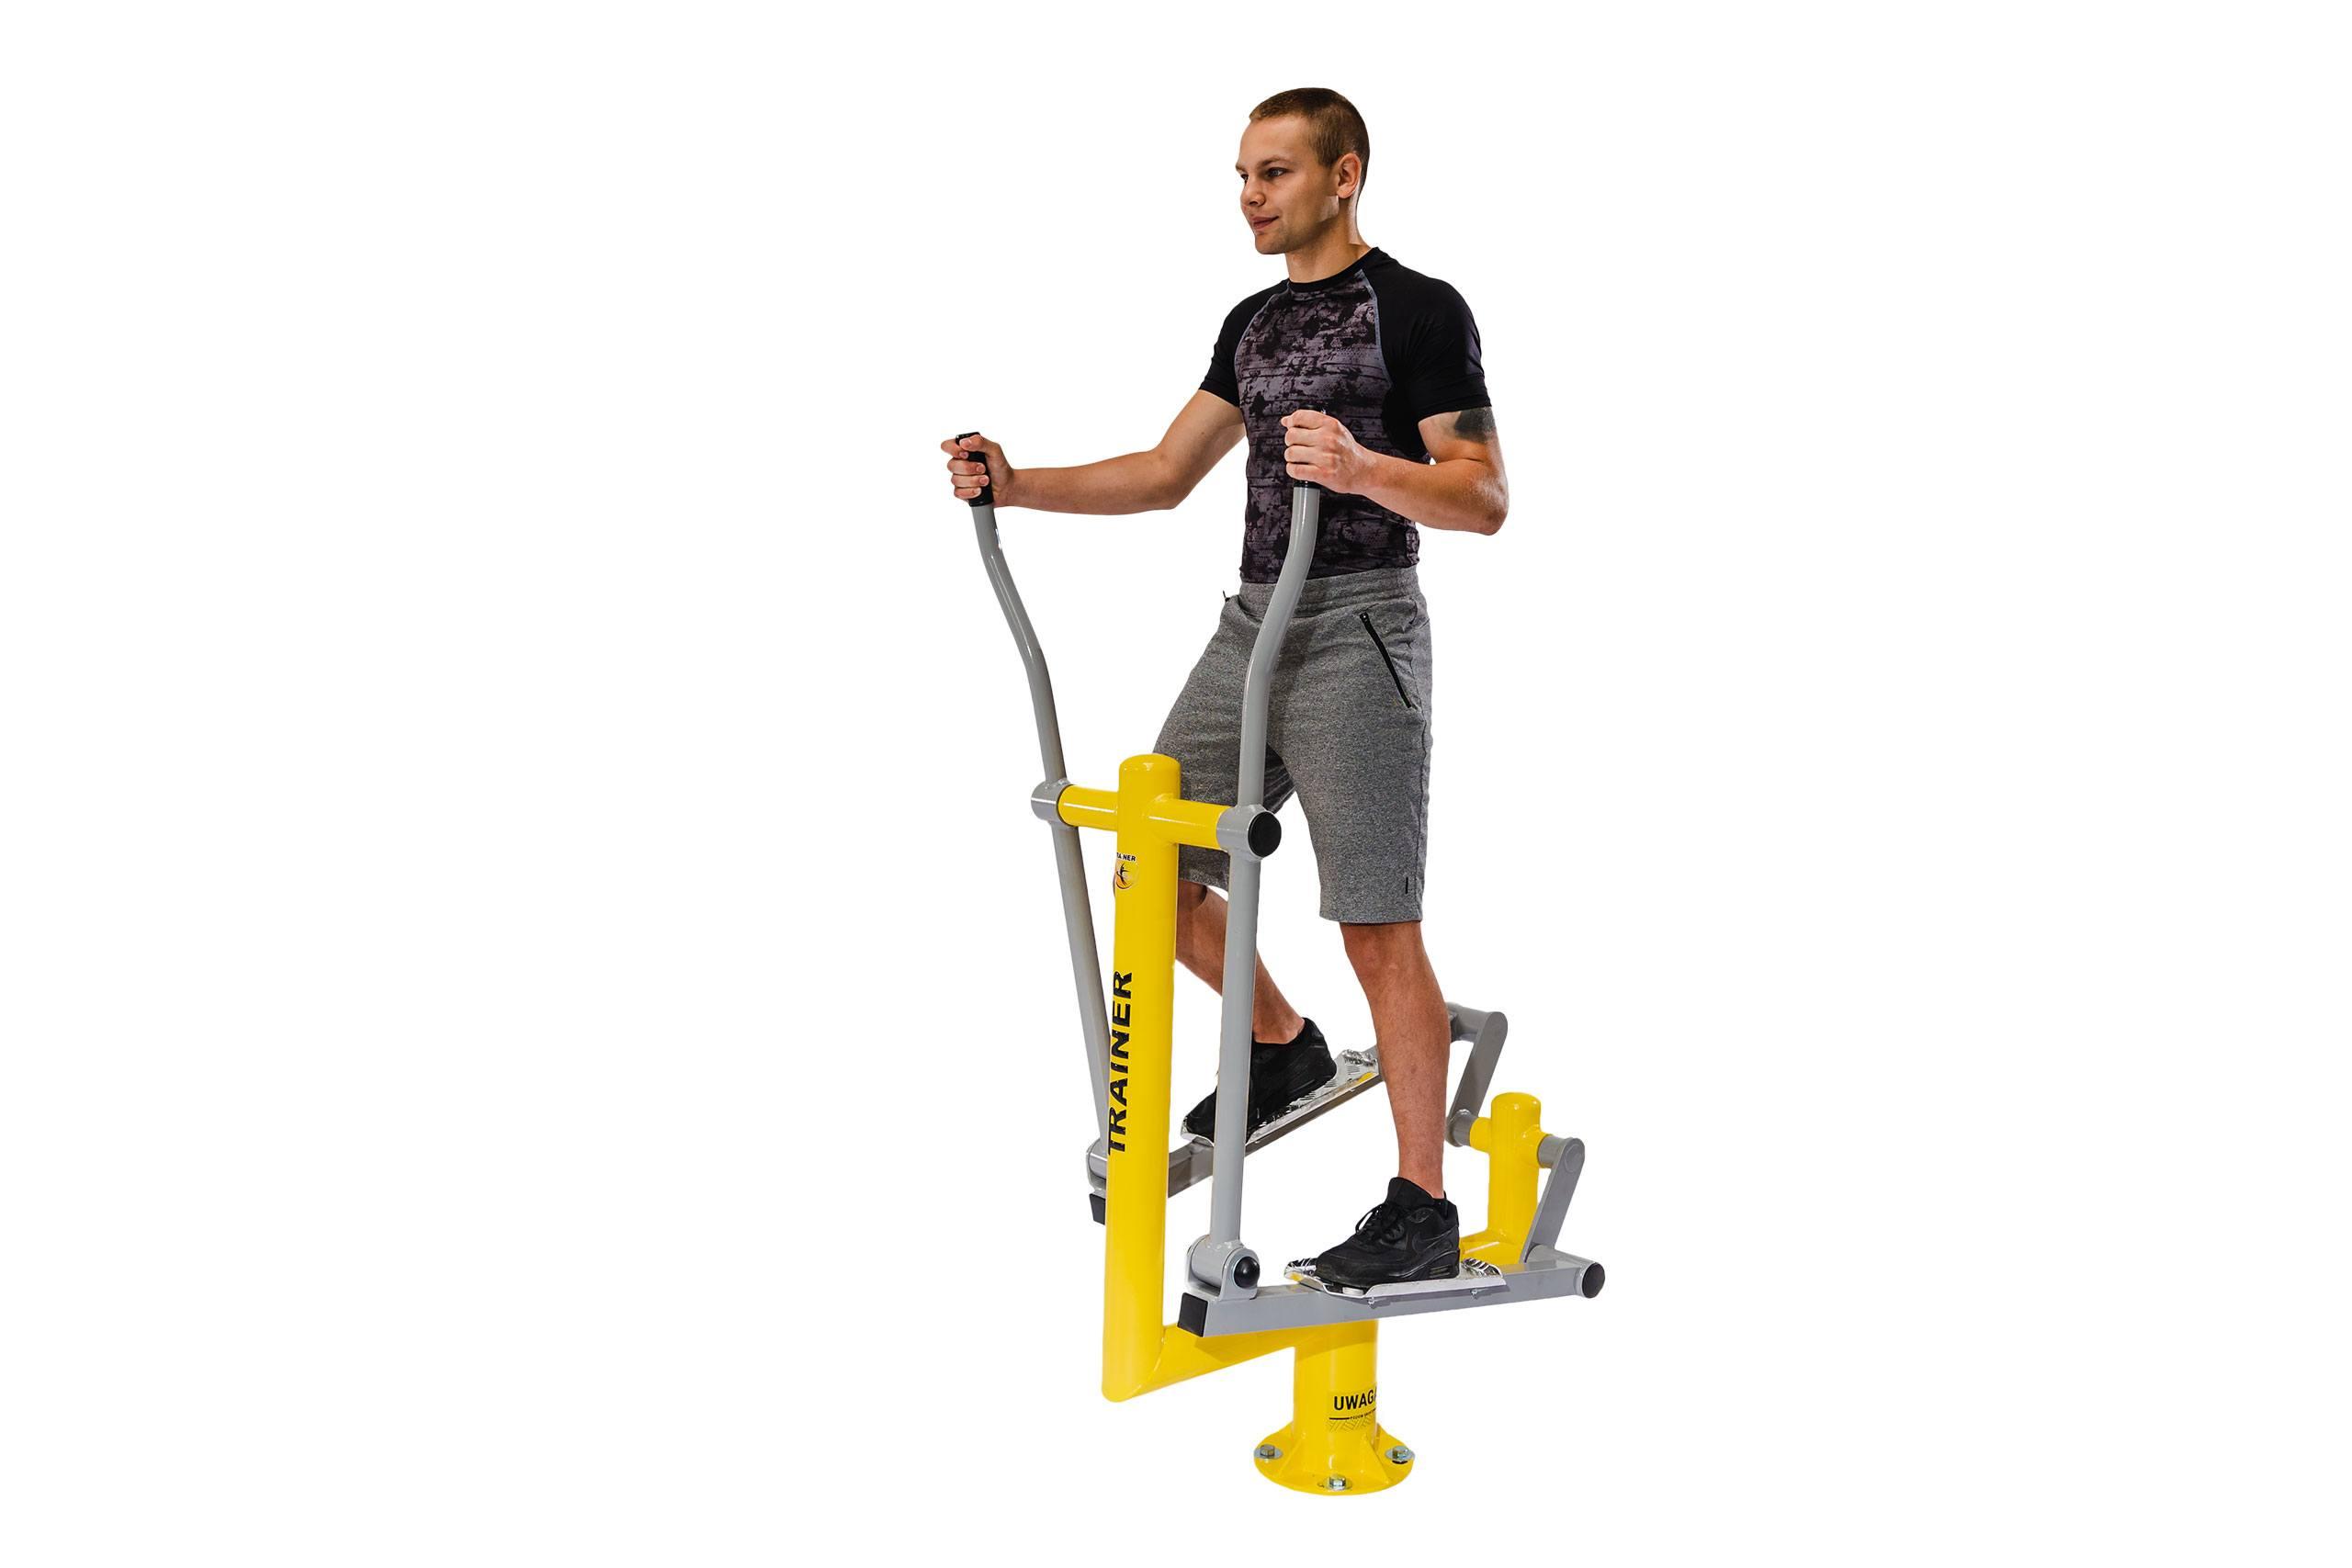 Crosstrainer Outdoor Gym Equipment